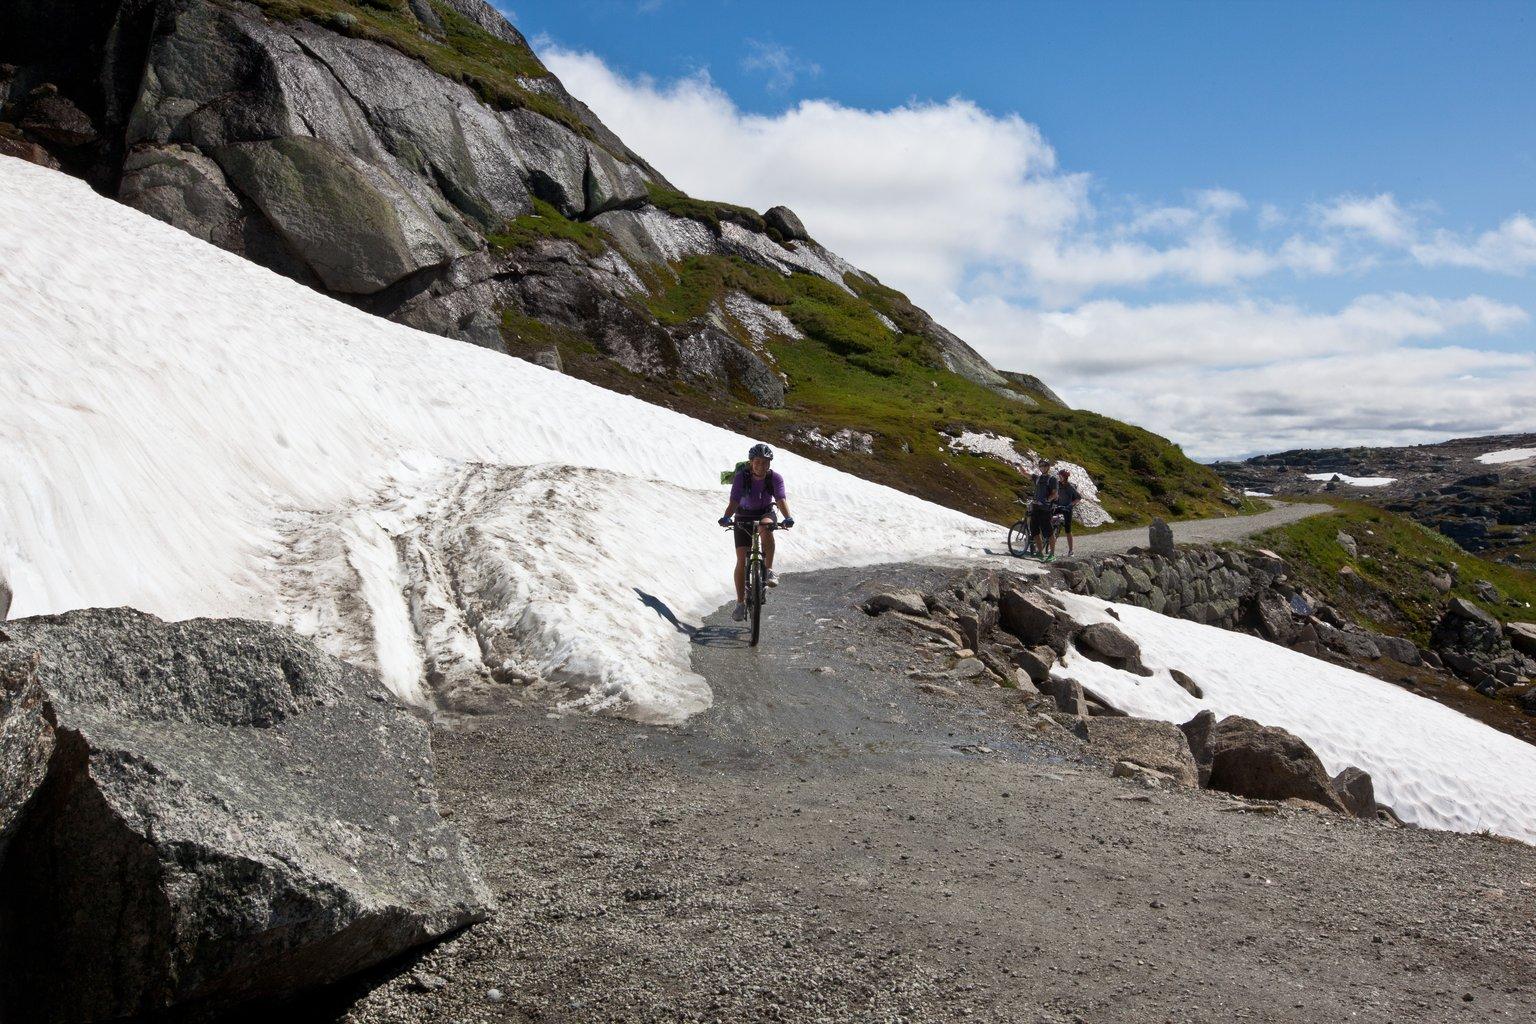 Snø Rallarvegen